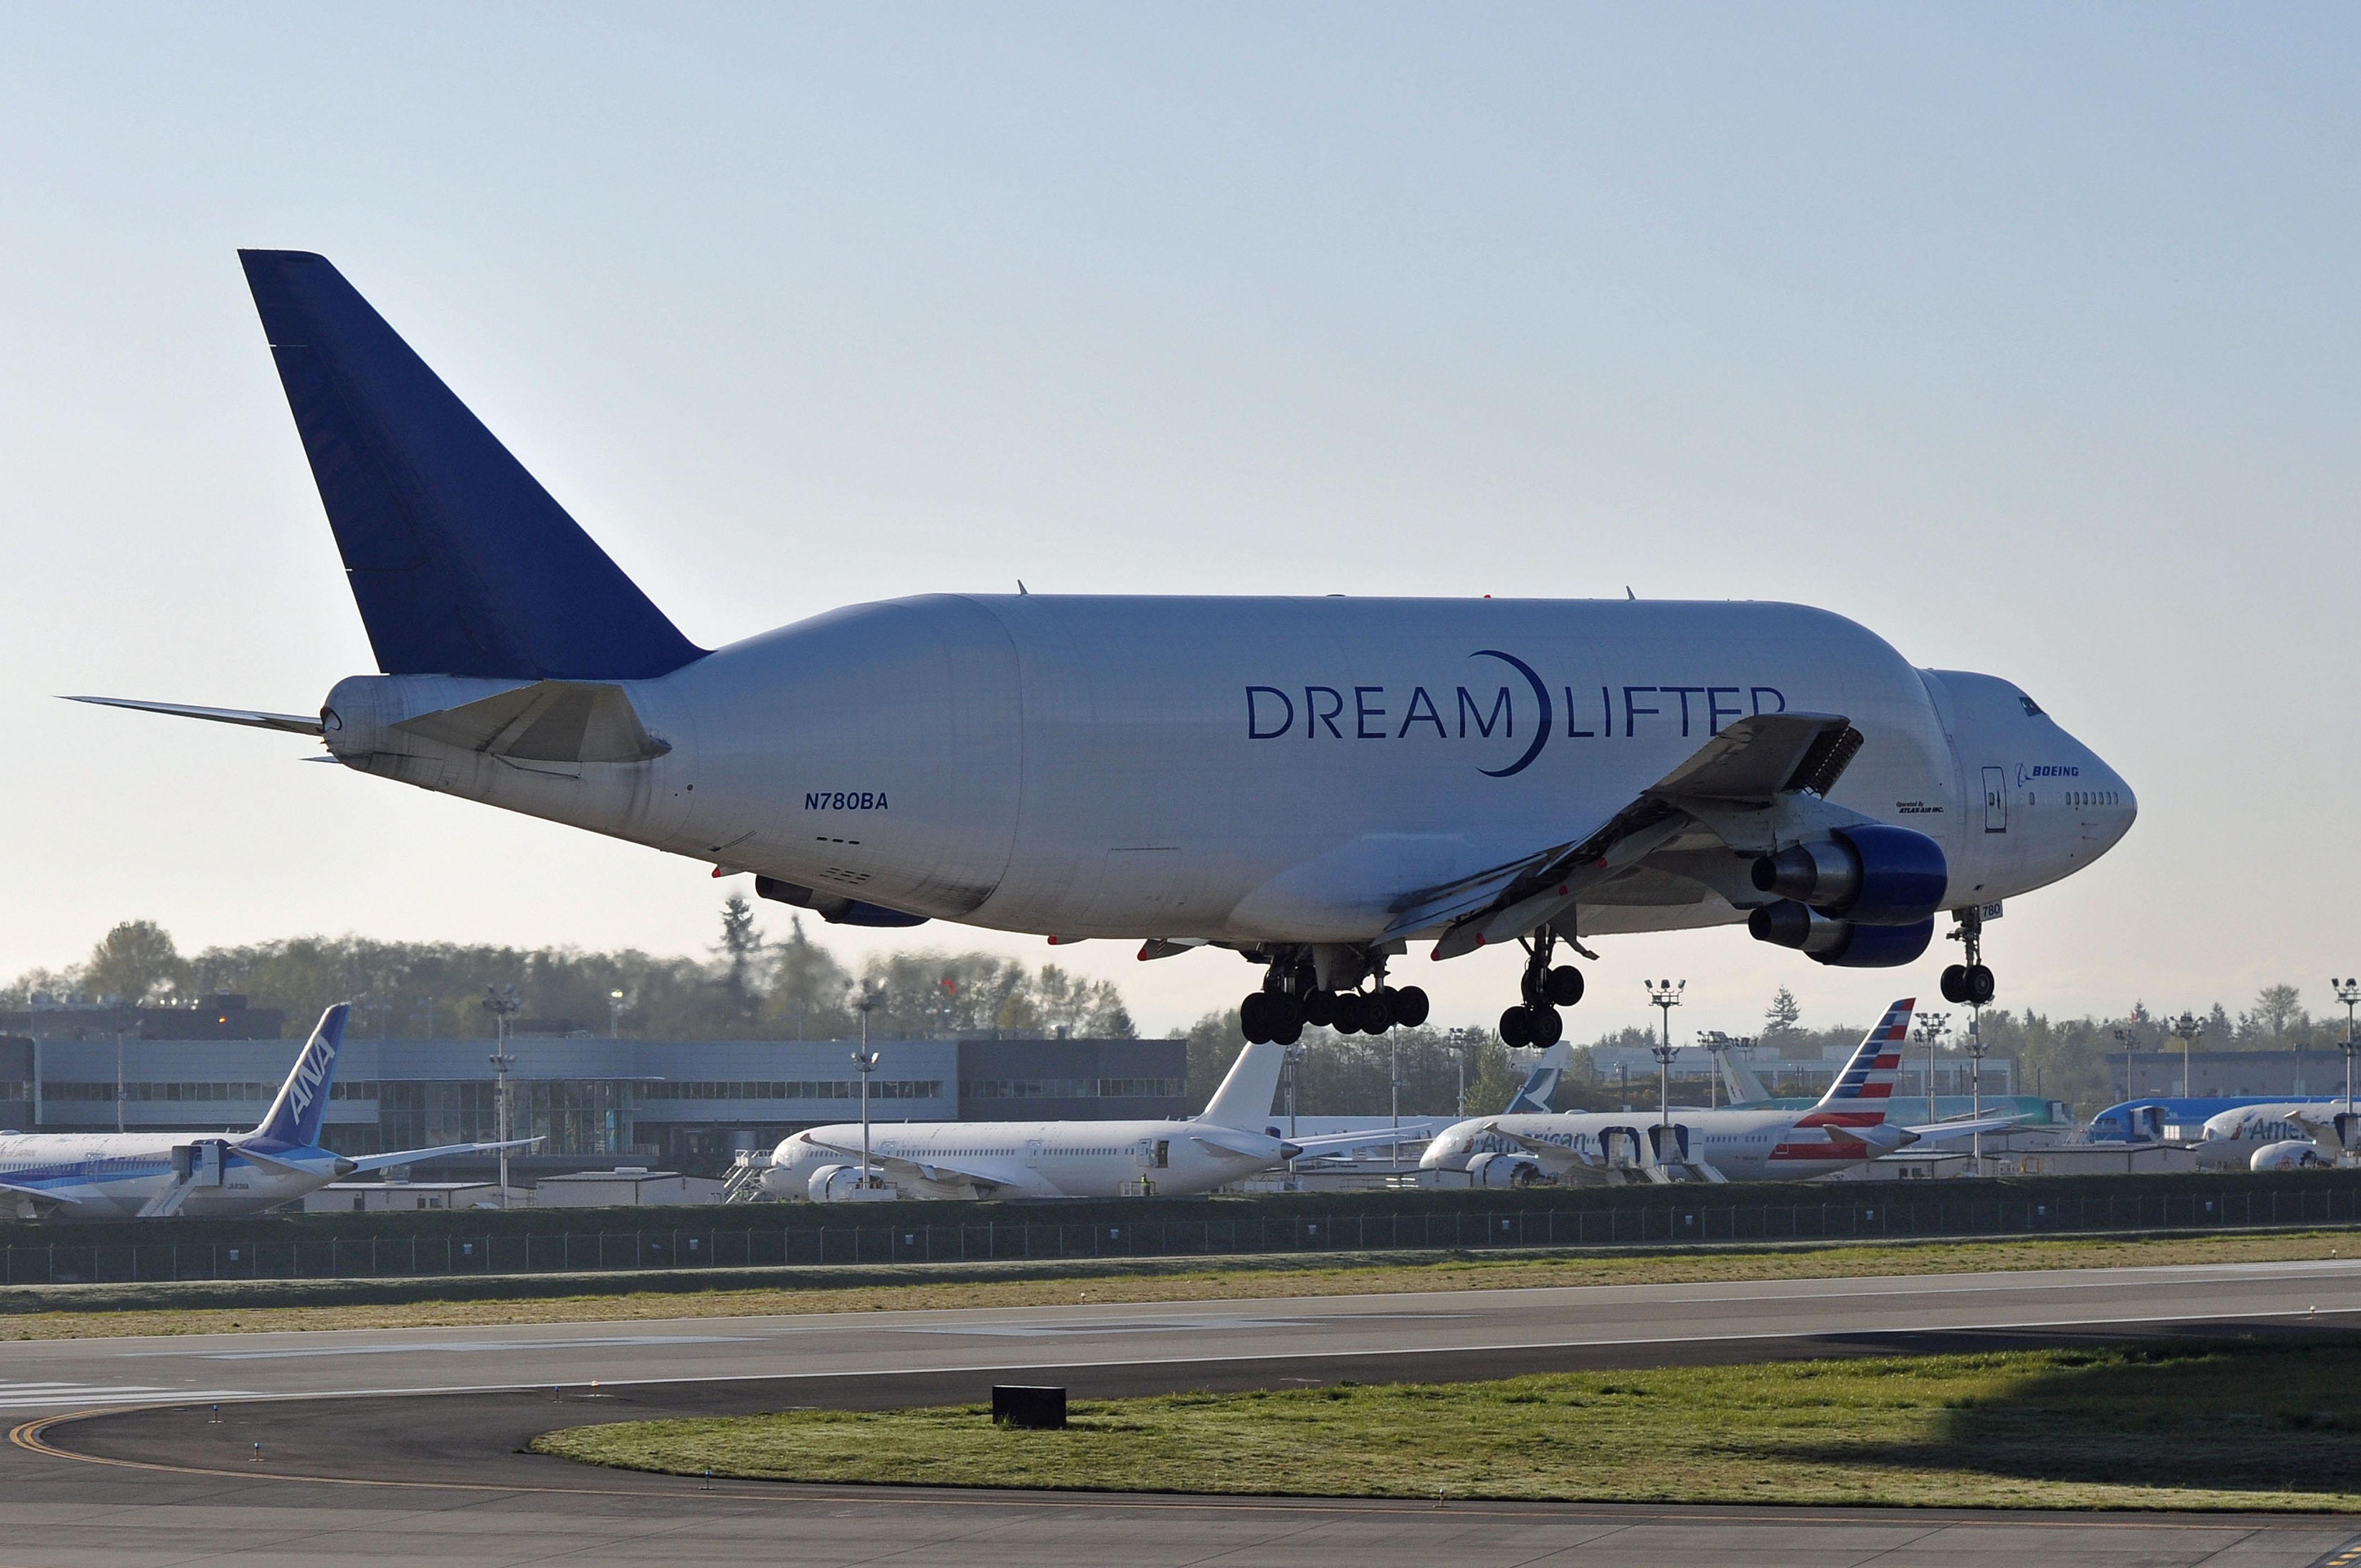 File:Boeing 747-409(LCF) Dreamlifter, N780BA - PAE (22717086801